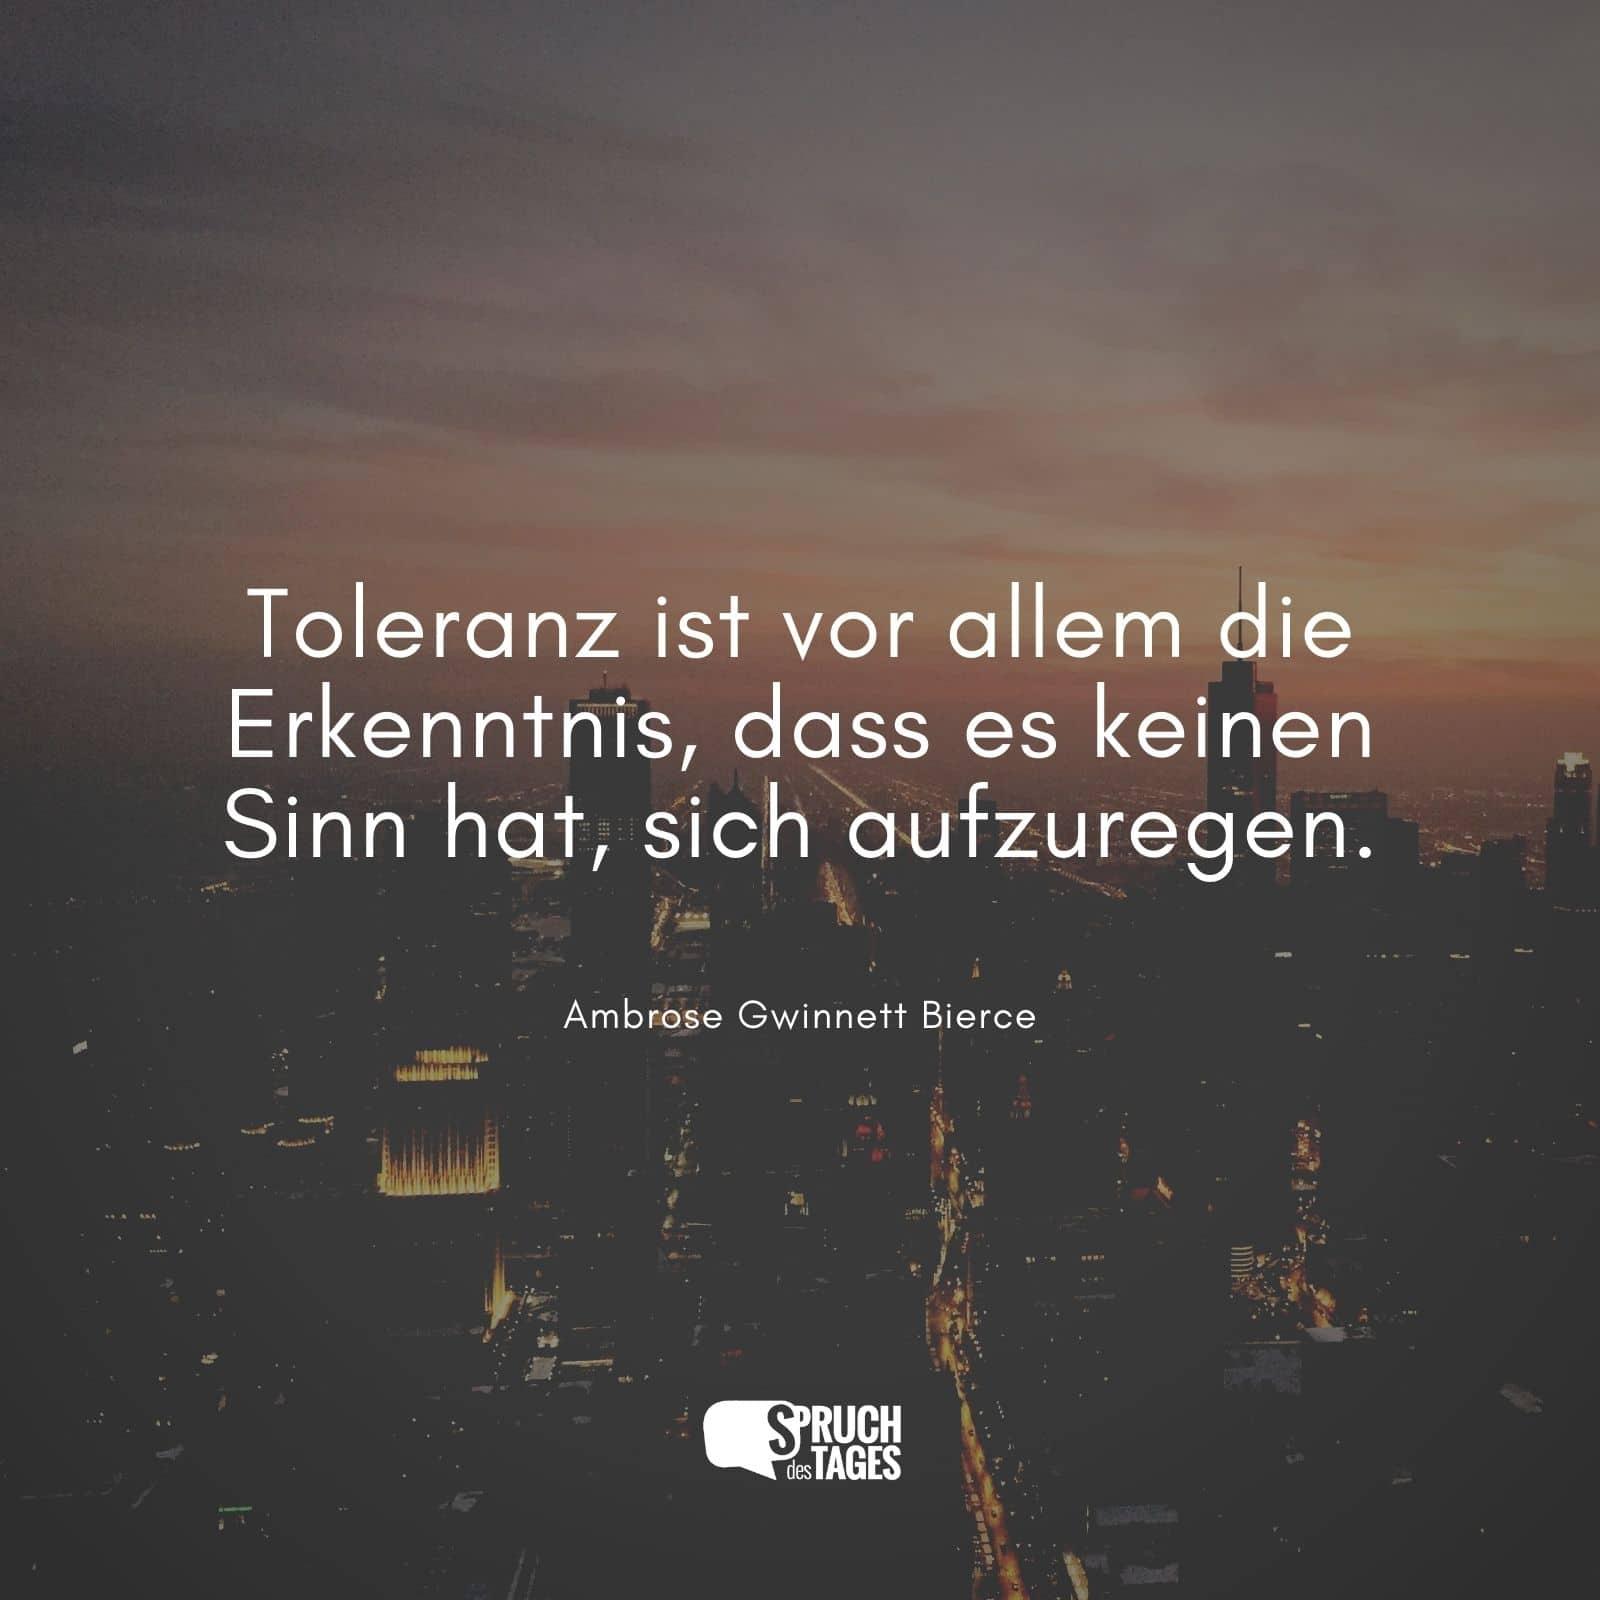 Toleranz ist vor allem die Erkenntnis, dass es keinen Sinn hat